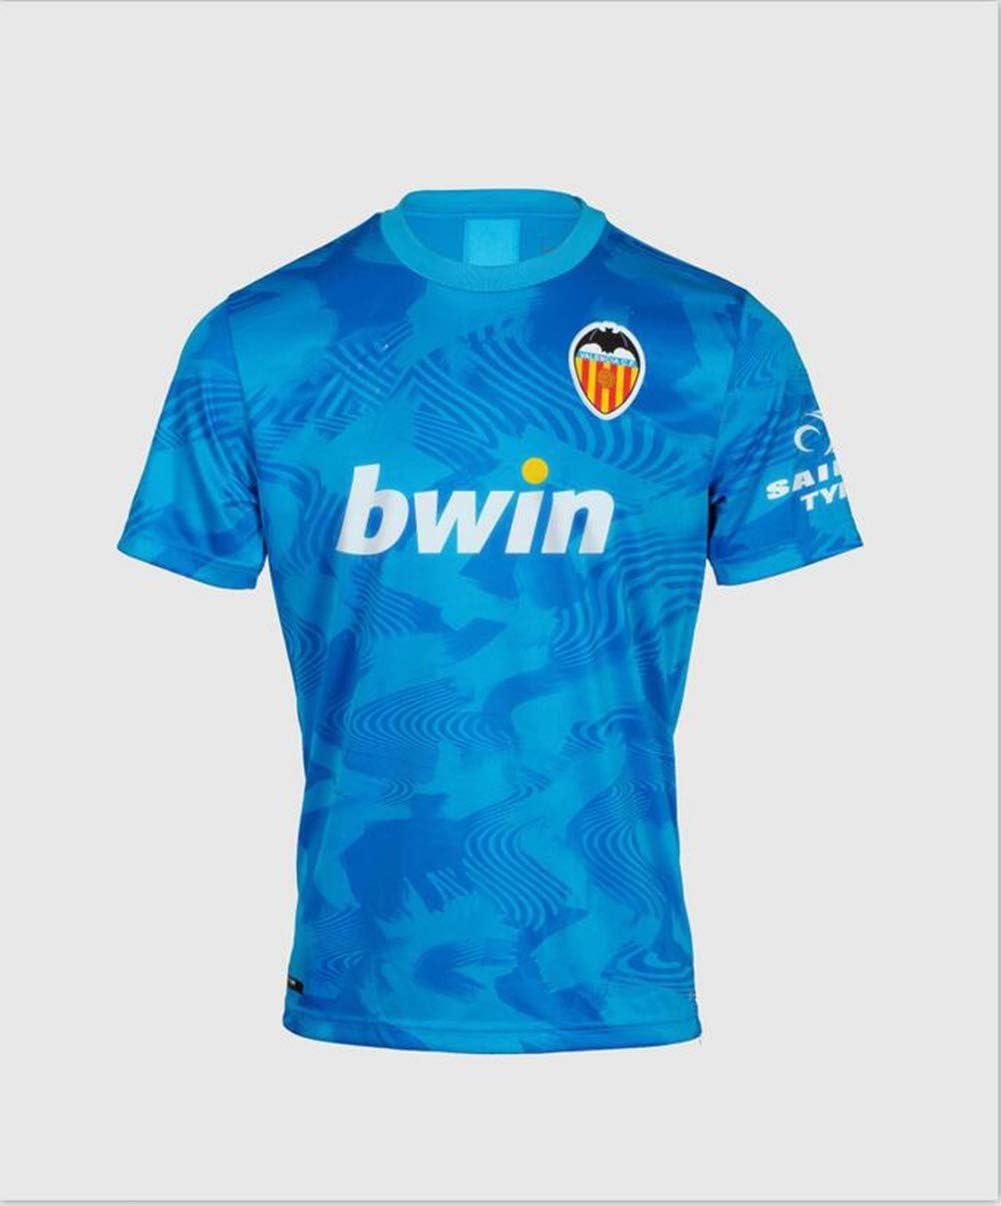 Camiseta de fútbol Personalizado 19/20 Europa Premier League Patch Jerseys de fútbol Nombre Personalizado Número Camisa para Hombres Jóvenes niños (3ª equipación, 8-9años): Amazon.es: Deportes y aire libre